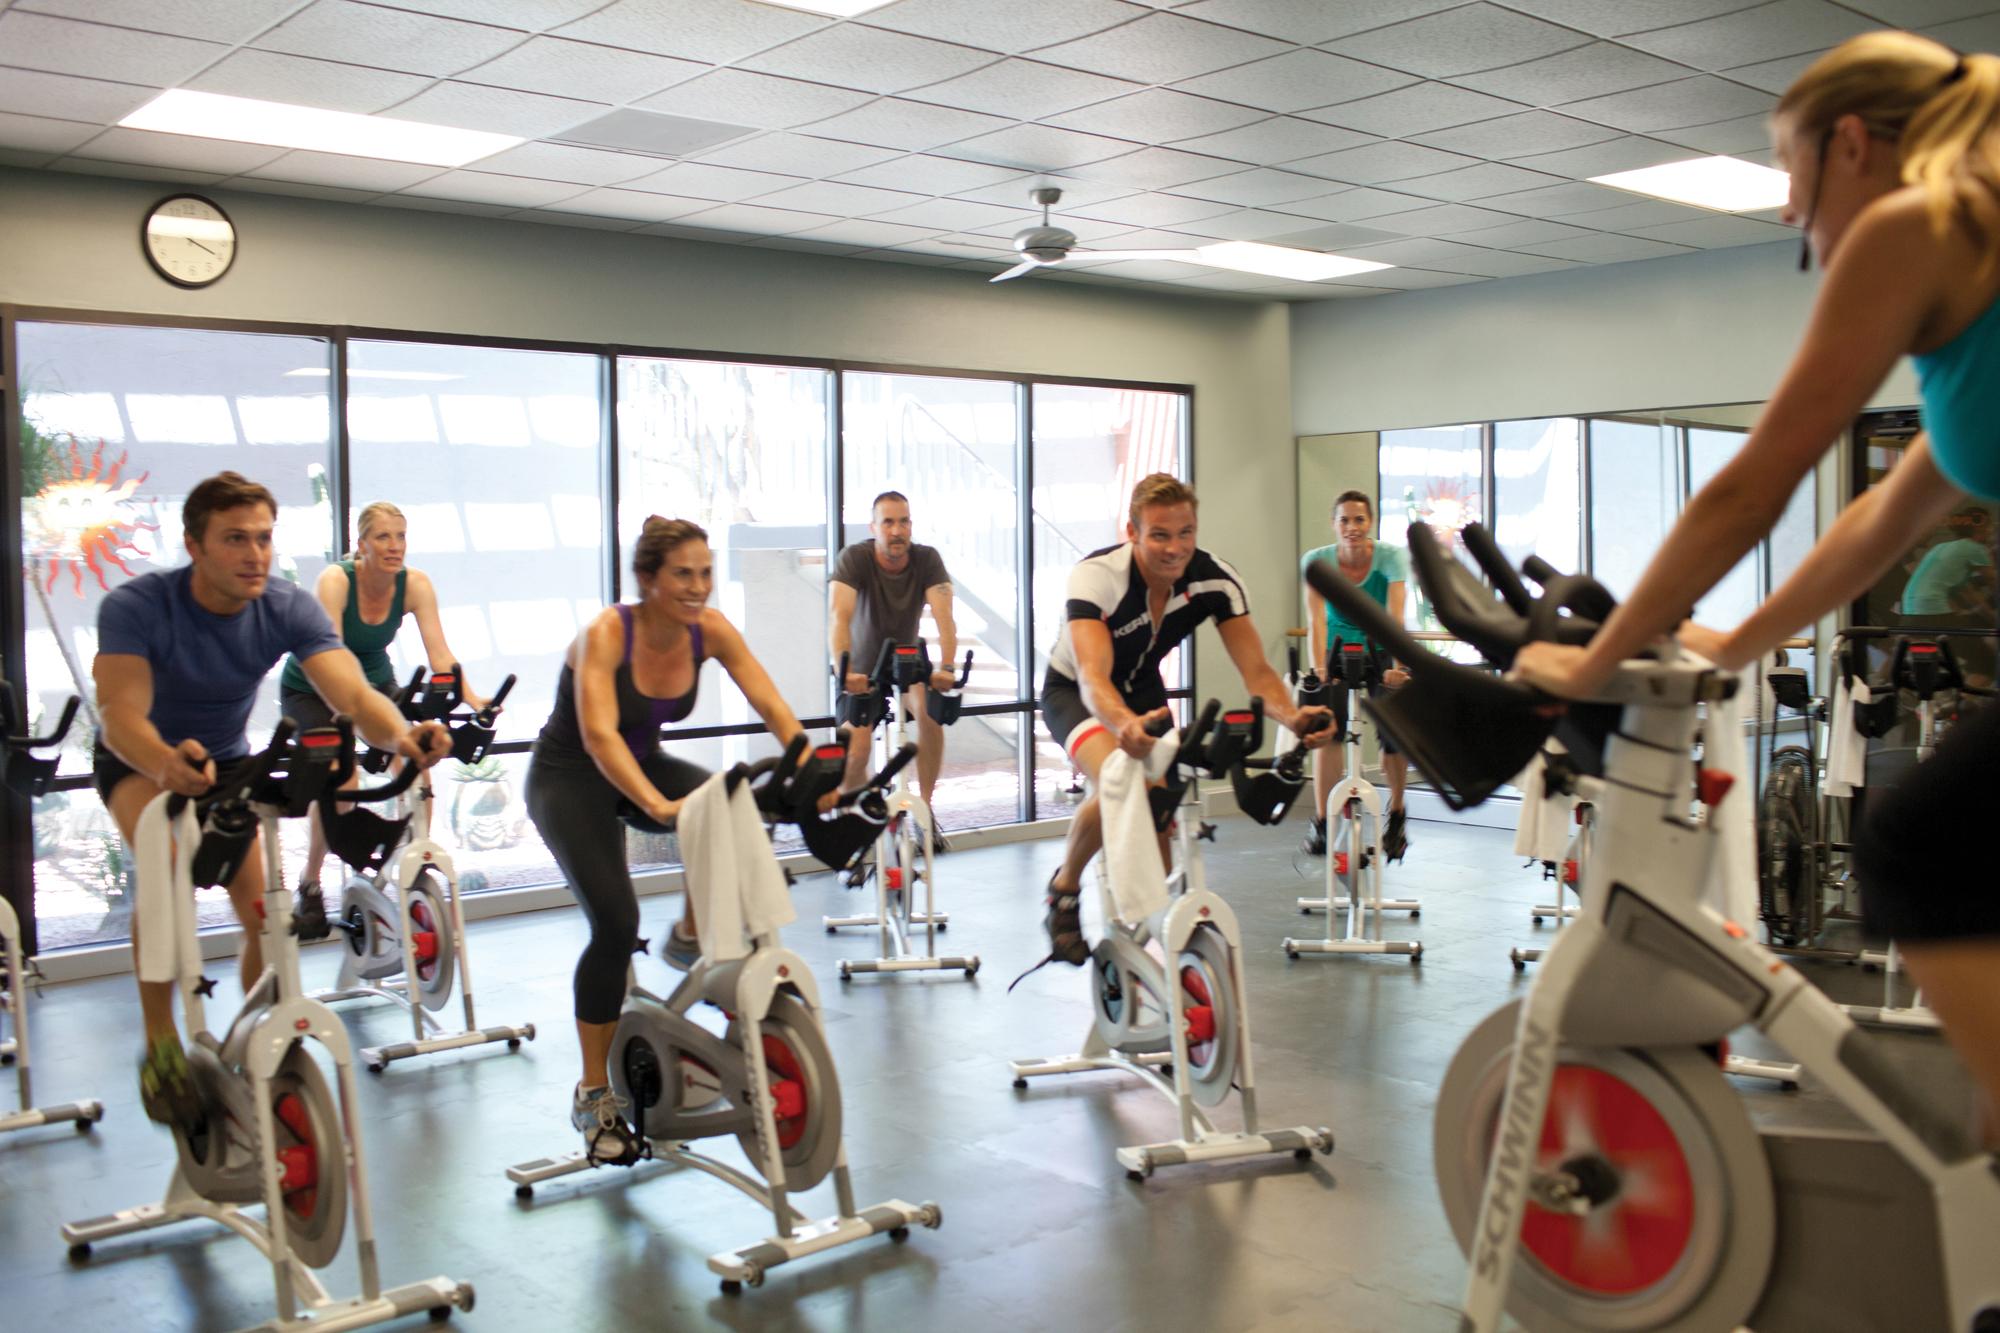 Canyon Ranch General Indoor Cycling 72dpi